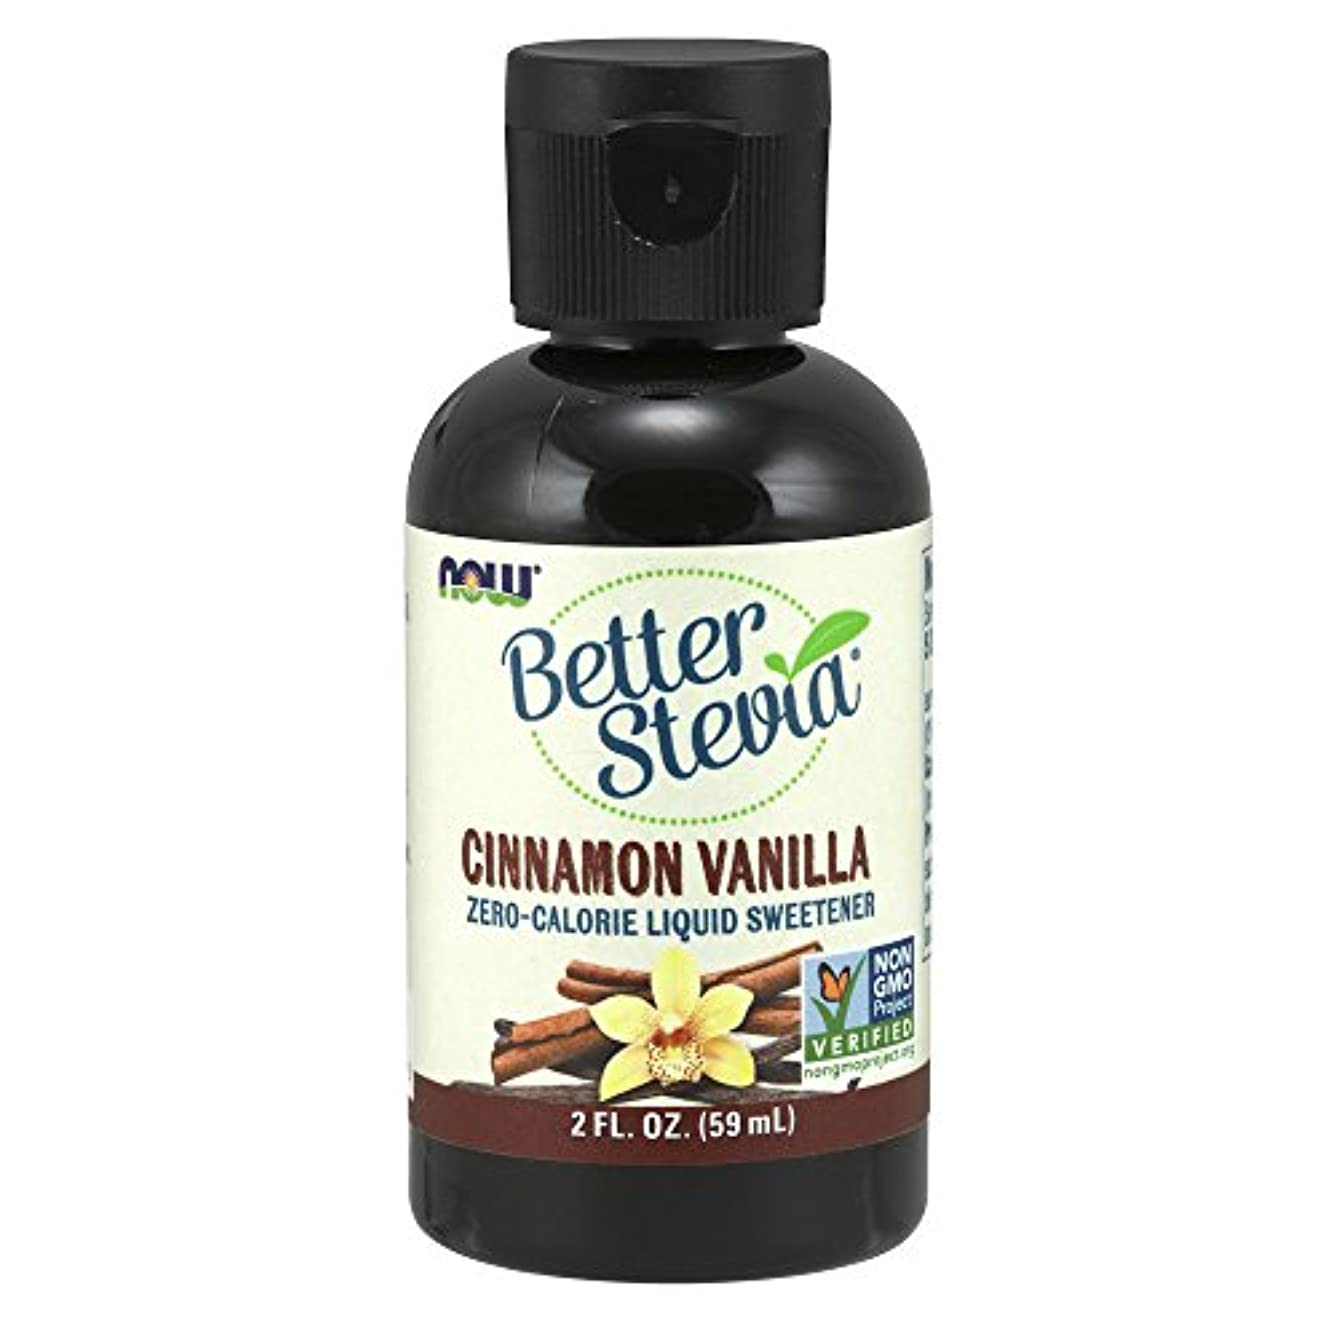 海港そこスペル[海外直送品] ナウフーズ  Better Stevia Liquid Sweetener Cinnamon Vanilla Cinnamon Vanilla 2 fl oz